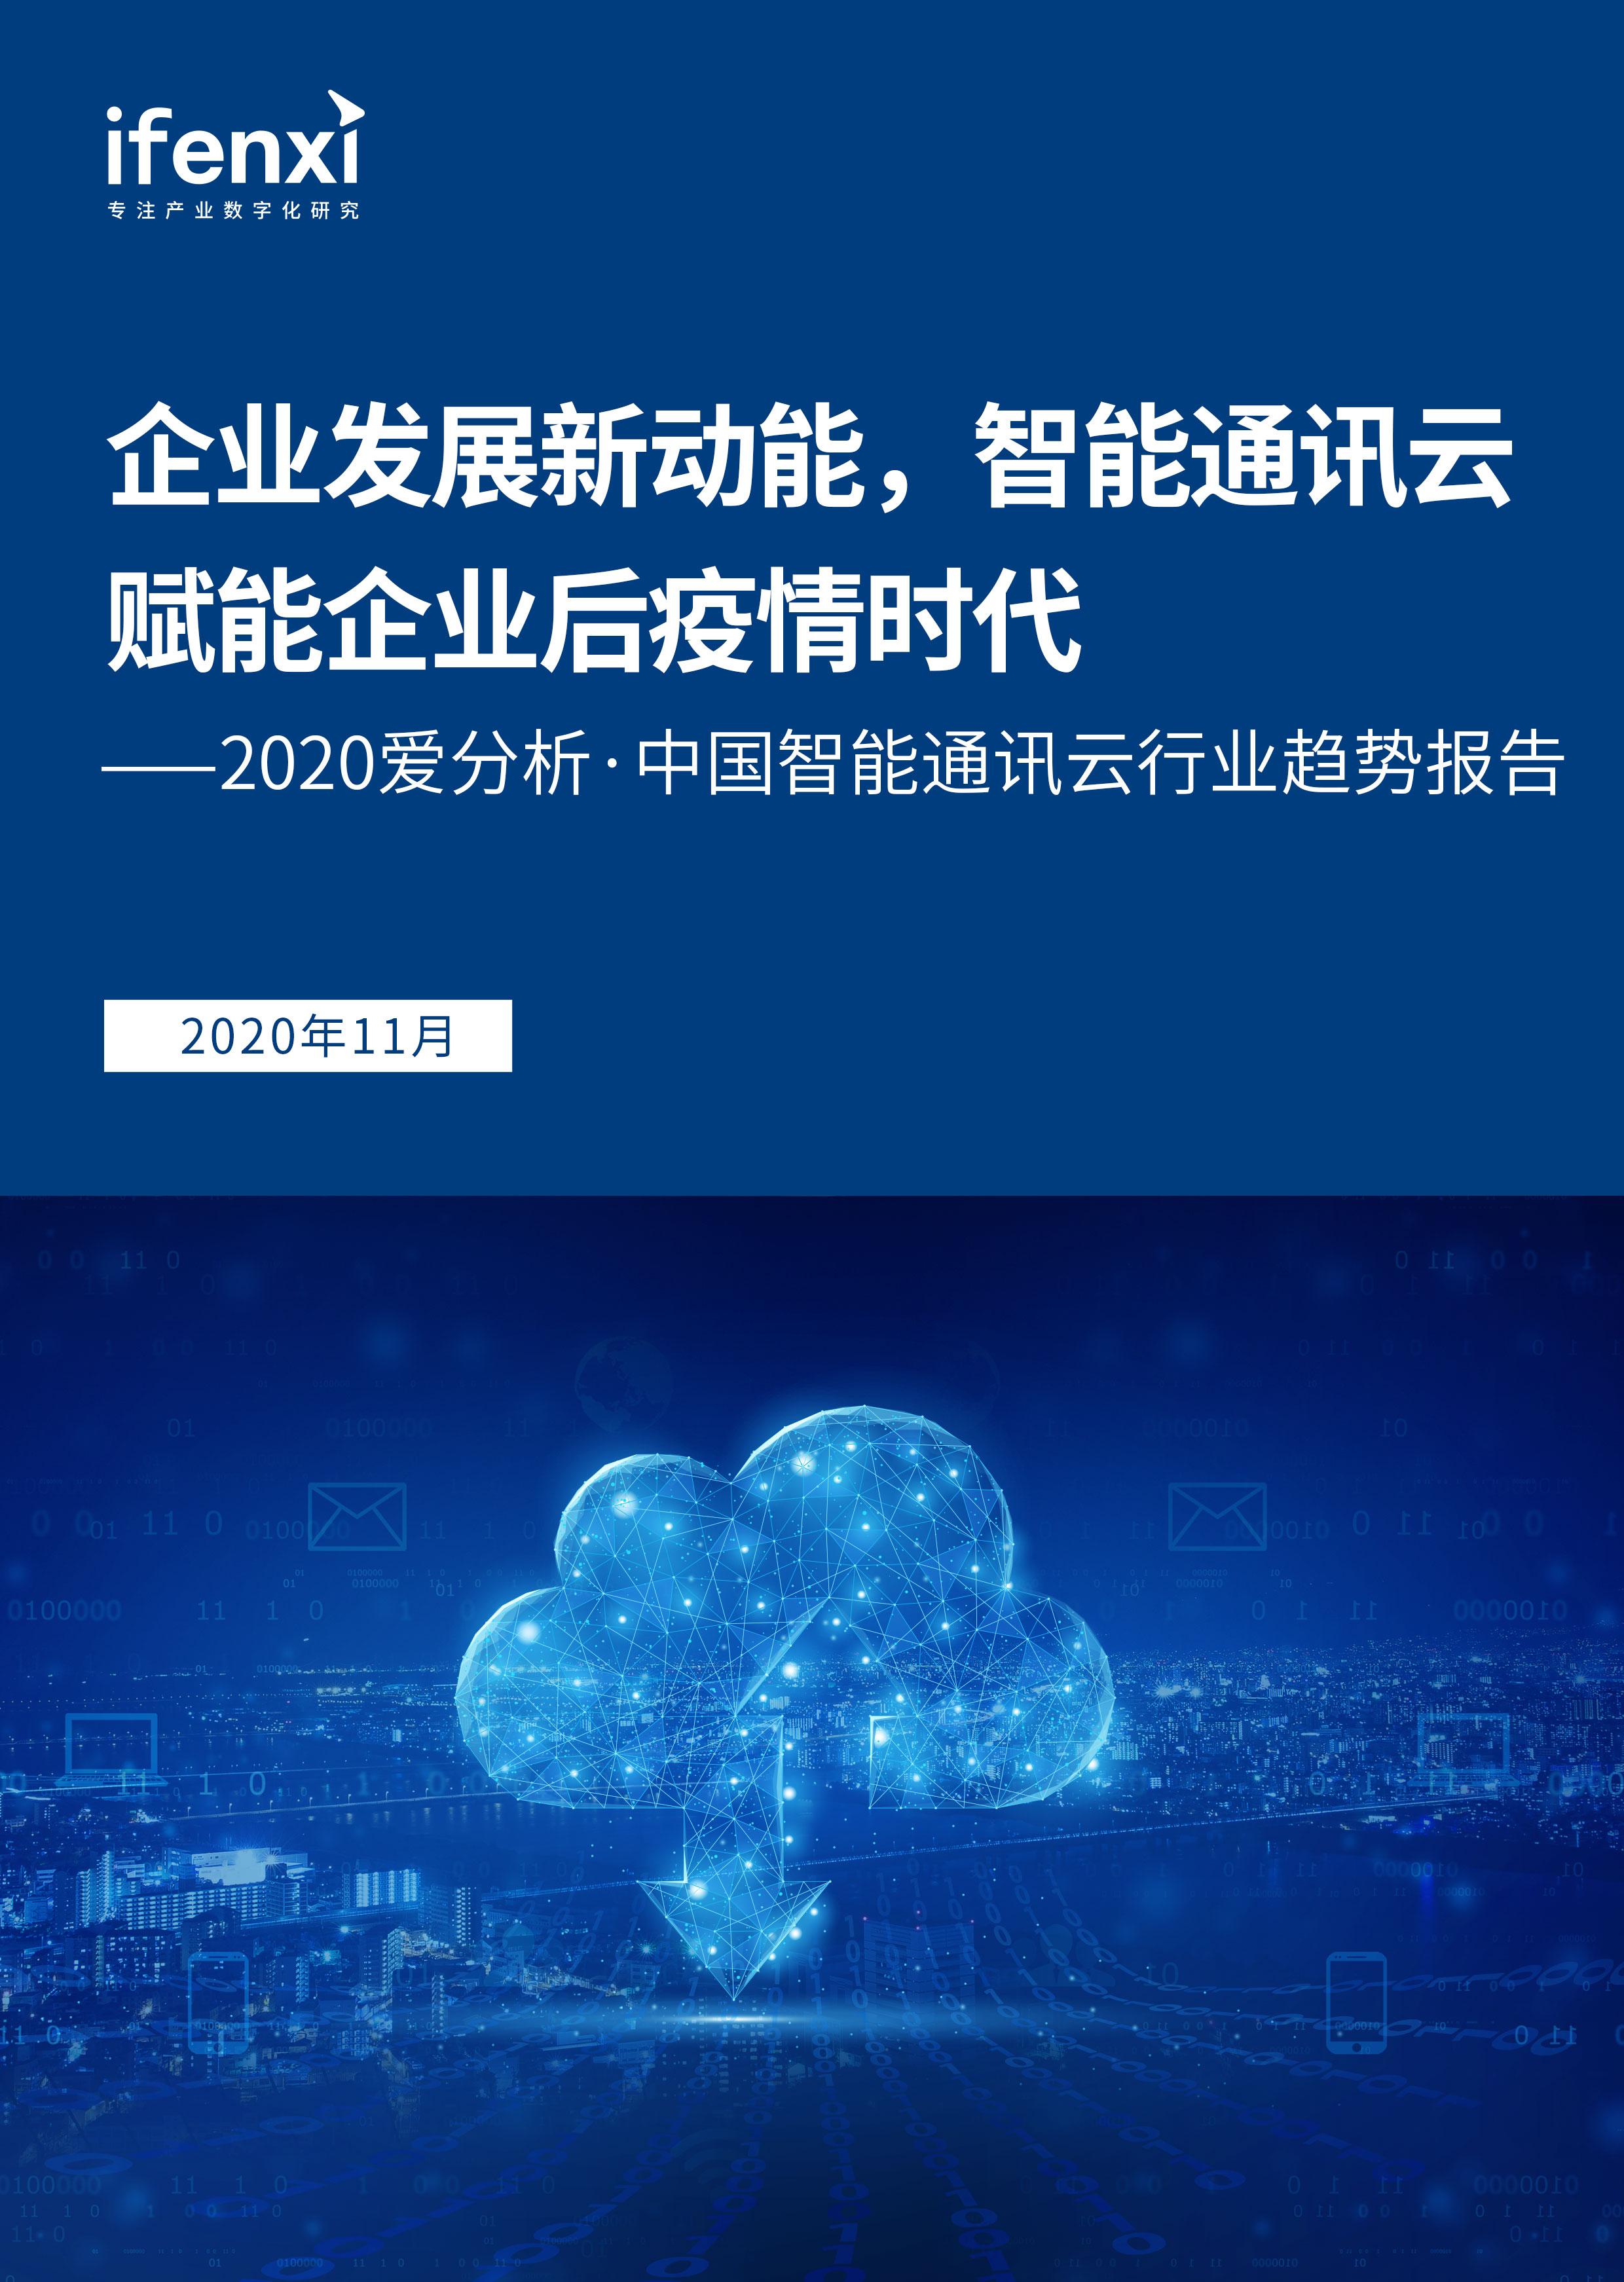 爱分析·中国智能通讯云行业趋势报告